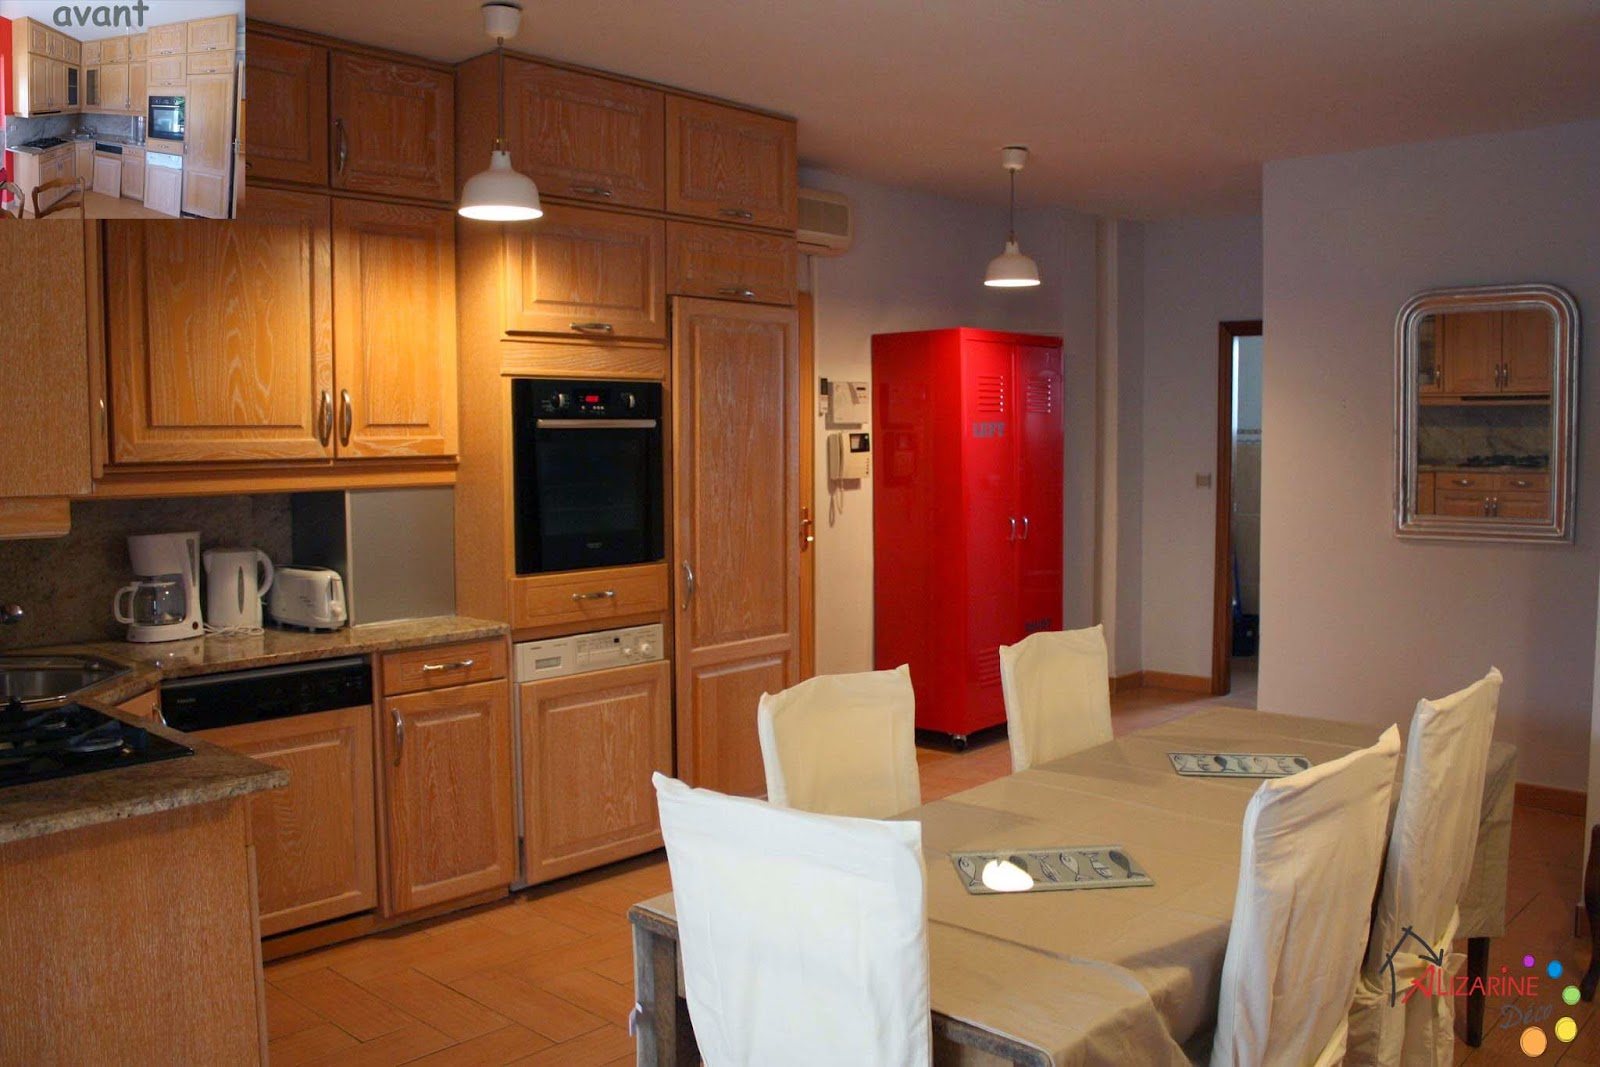 Le blog d 39 alizarine d co am nagement d 39 un appartement de - Armoire de salle a manger ...